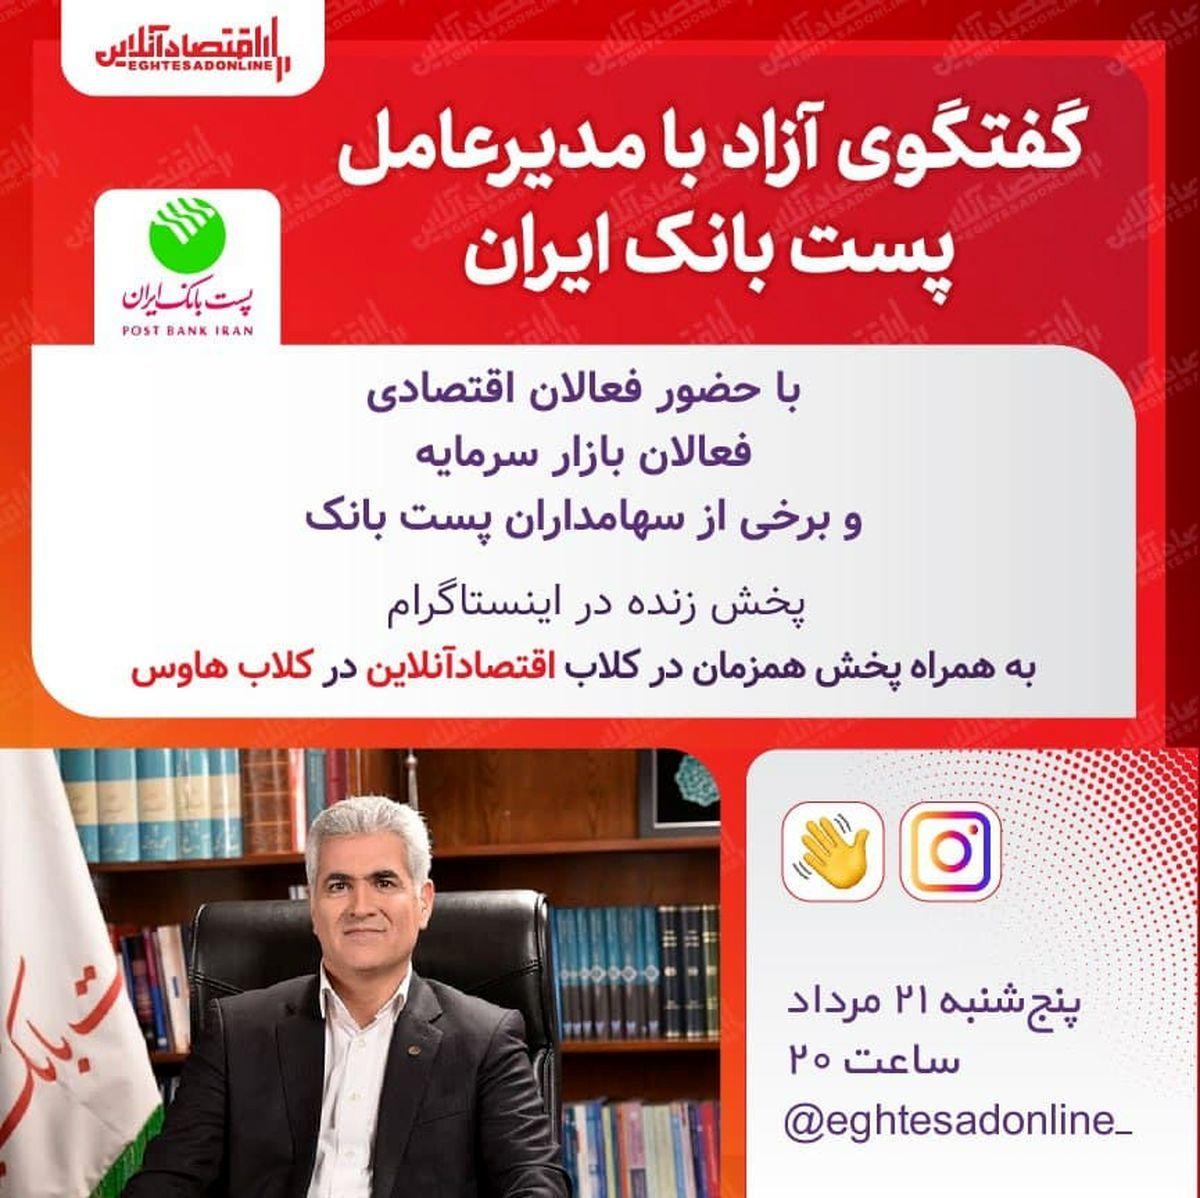 گفت و گوی آزاد با مدیرعامل پست بانک ایران در کلاب اقتصادآنلاین